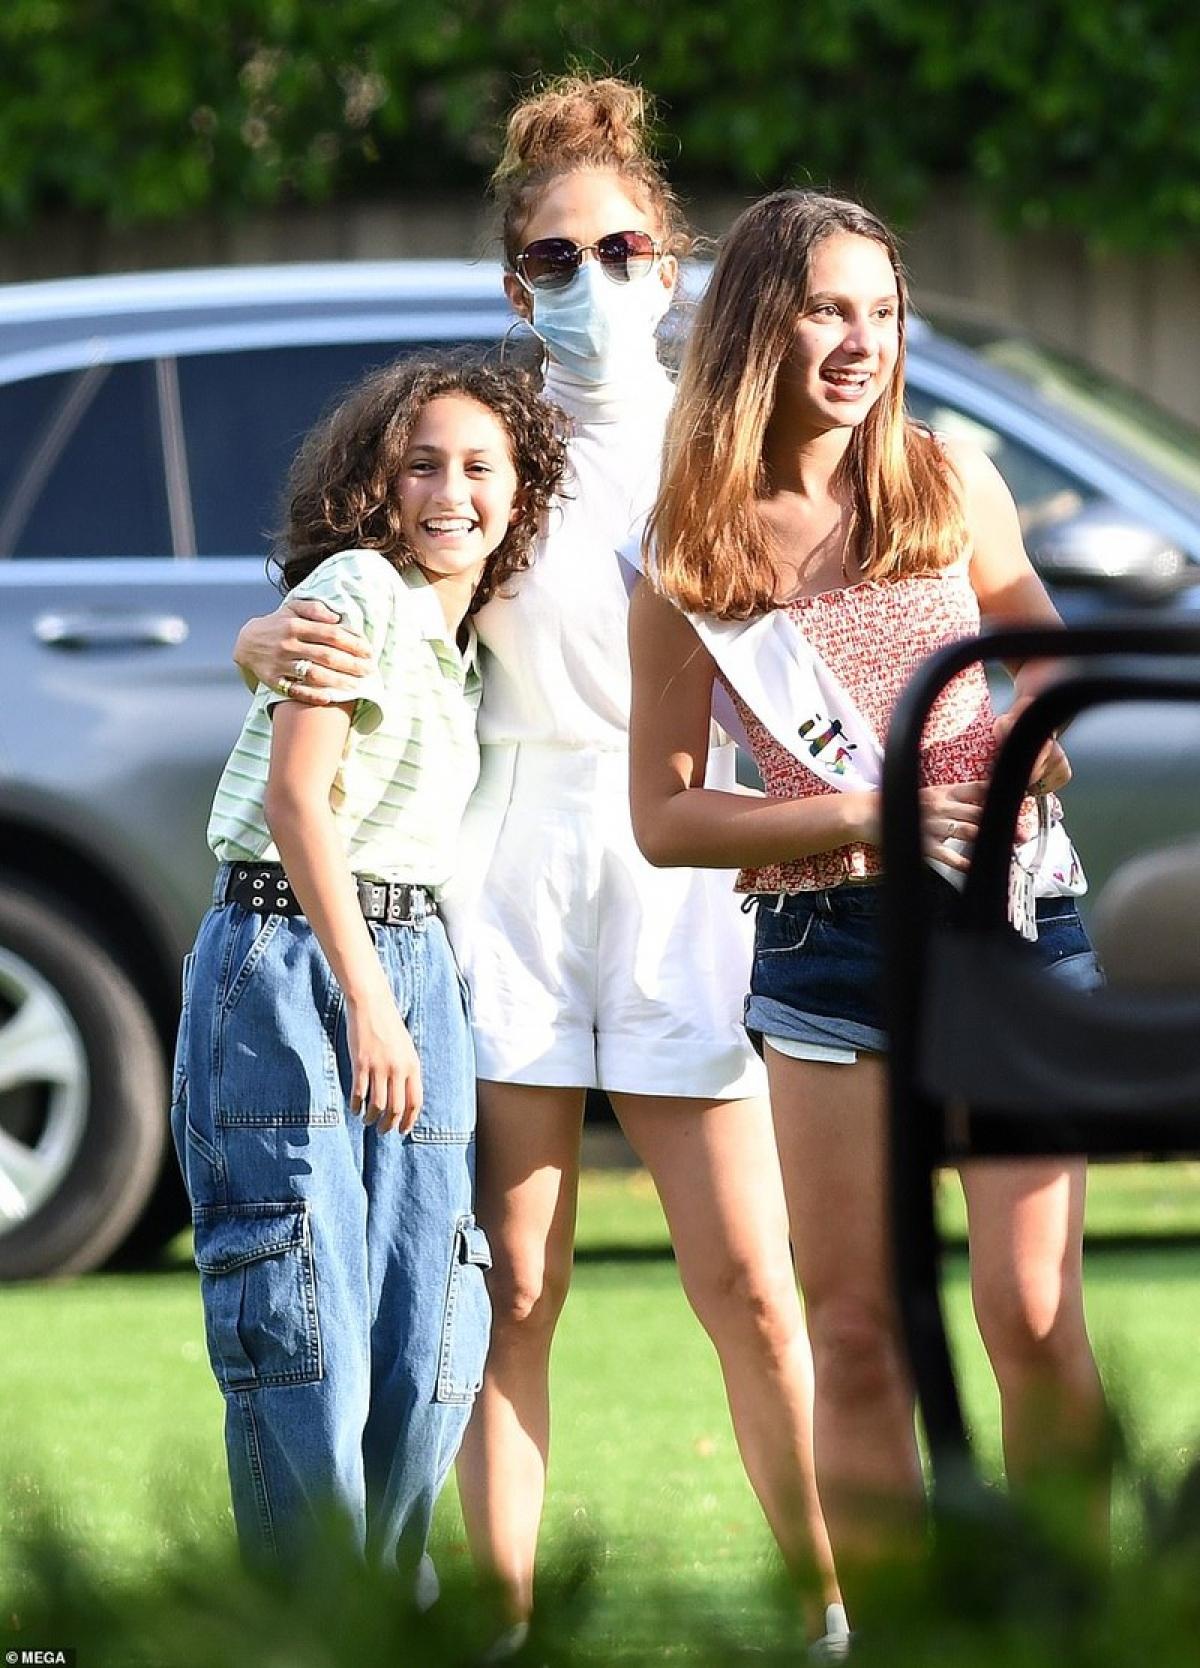 Jennifer Lopez vui vẻ khi chạm mặt vợ cũ của bạn trai kém 6 tuổi